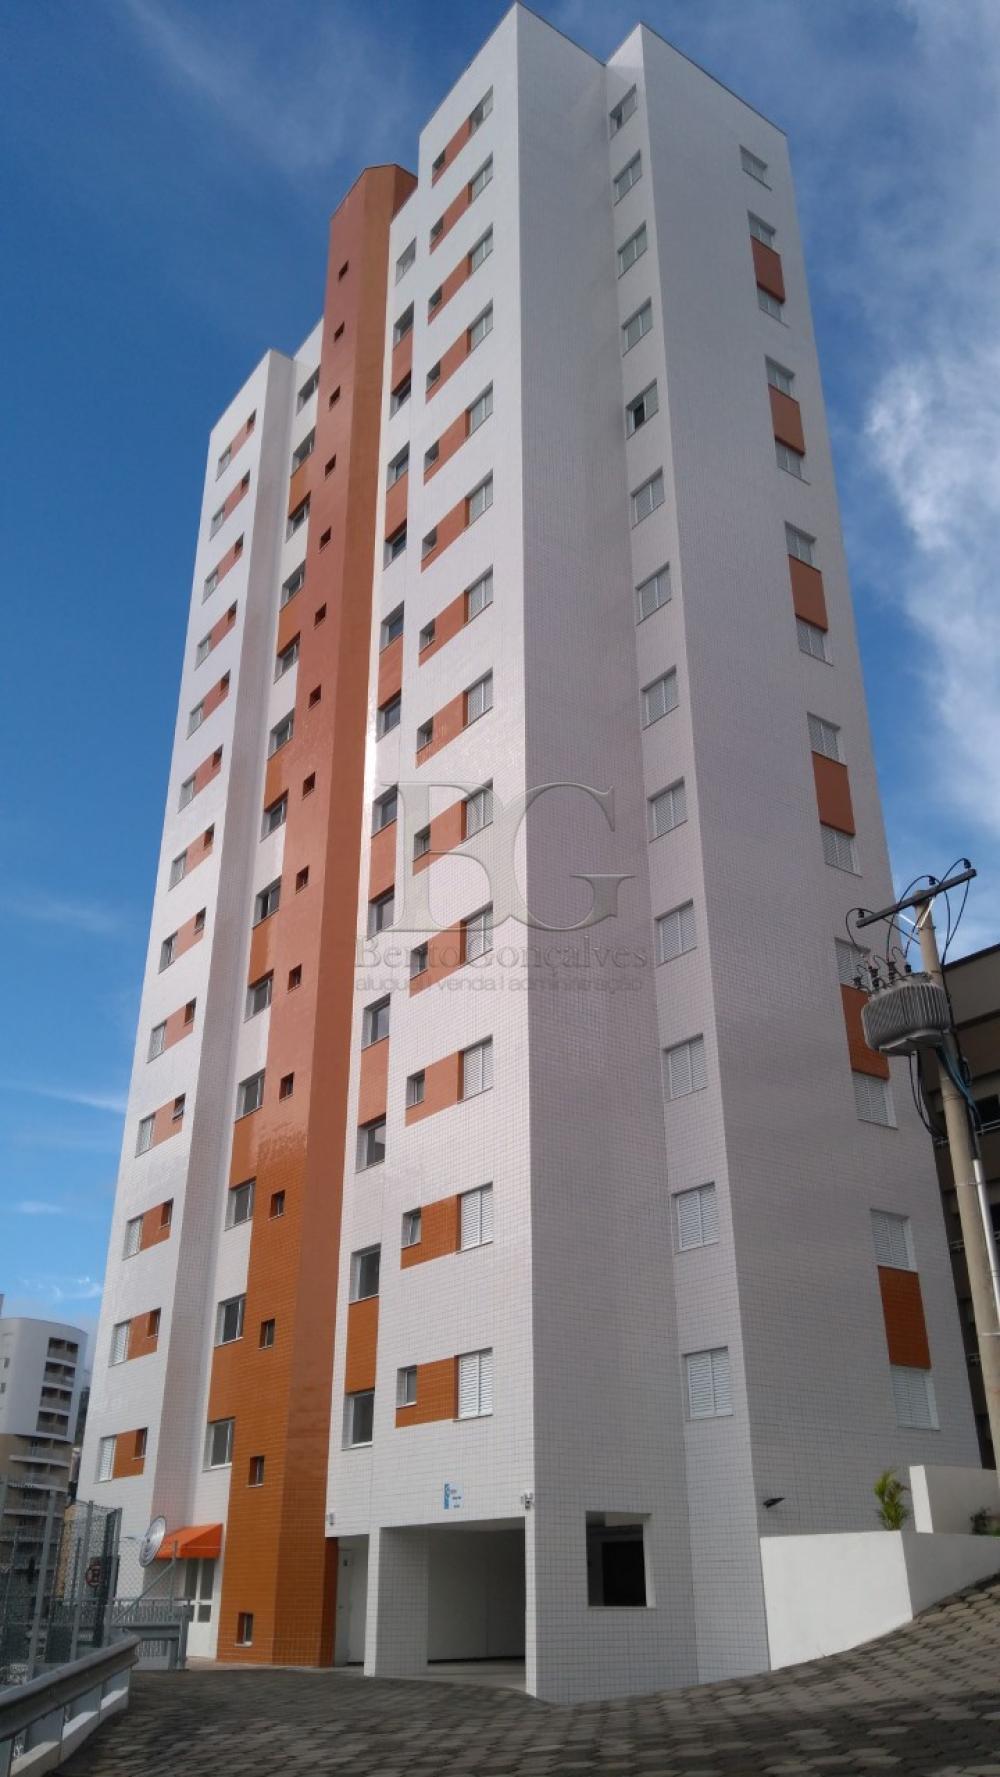 Alugar Apartamentos / Padrão em Poços de Caldas apenas R$ 1.250,00 - Foto 1